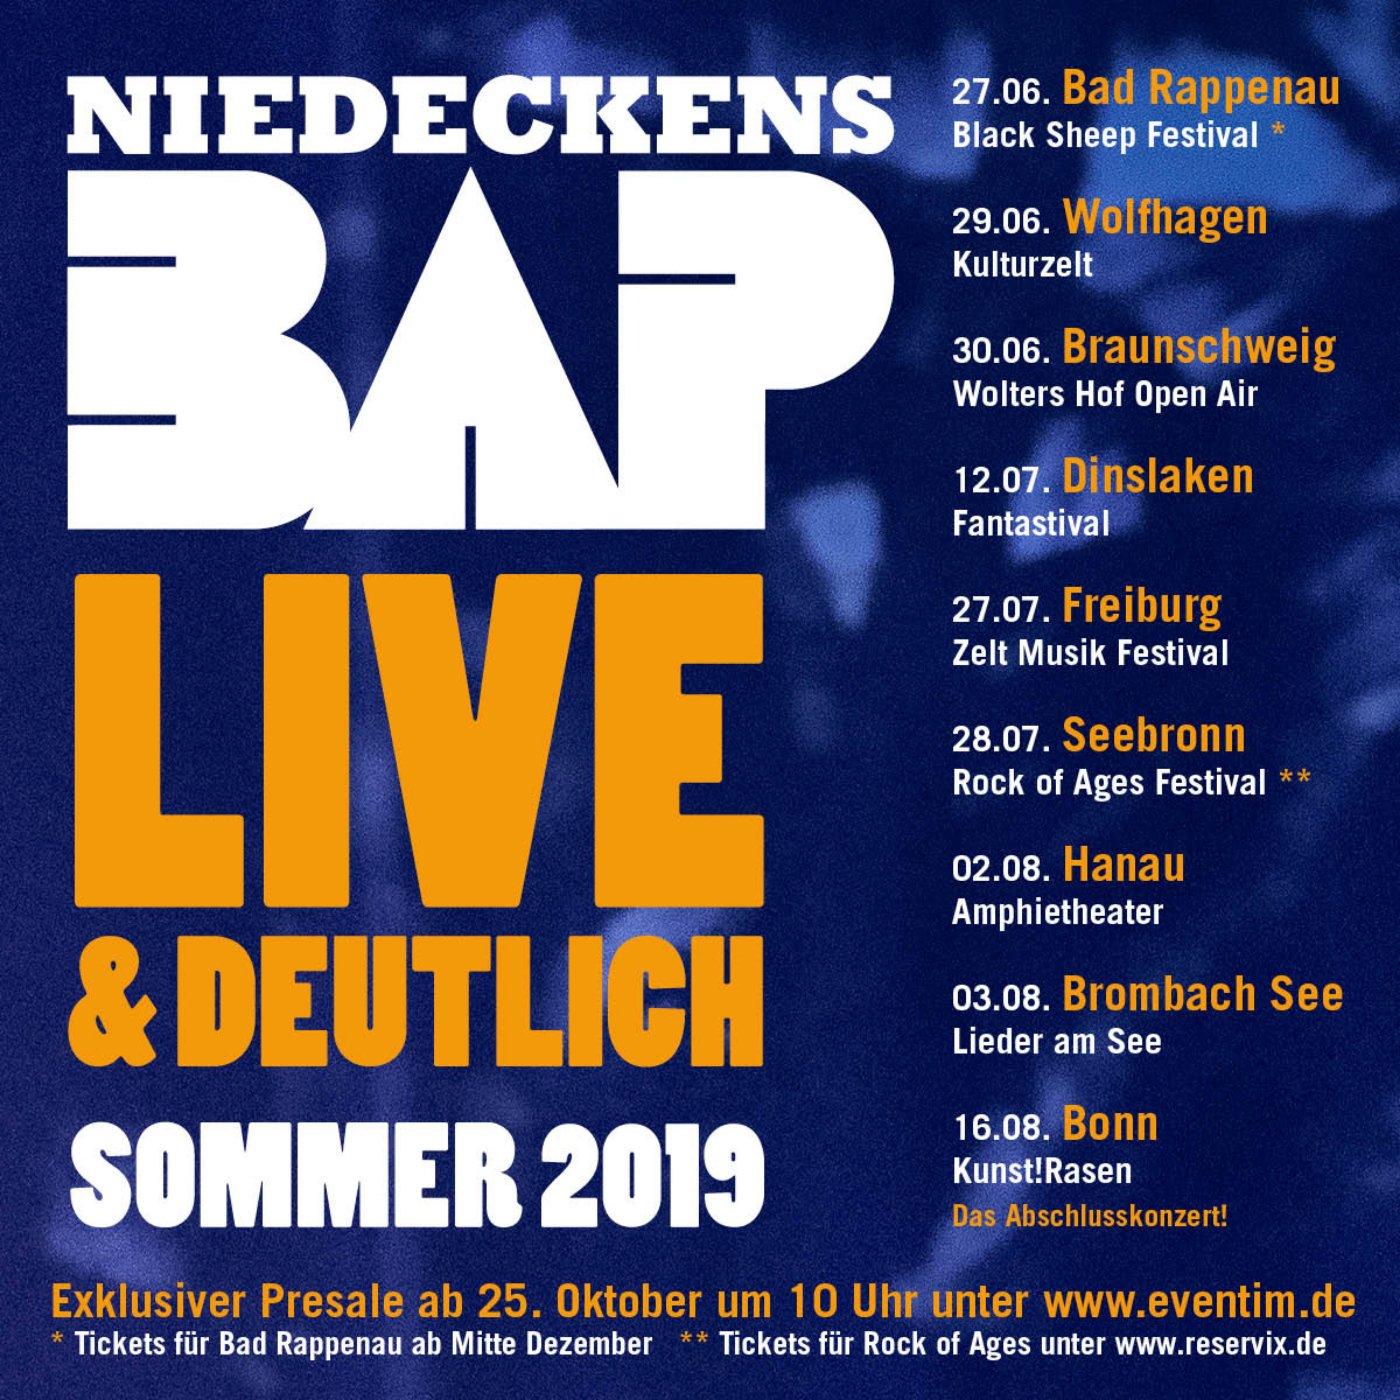 NiedeckensBAP live im Sommer 2019